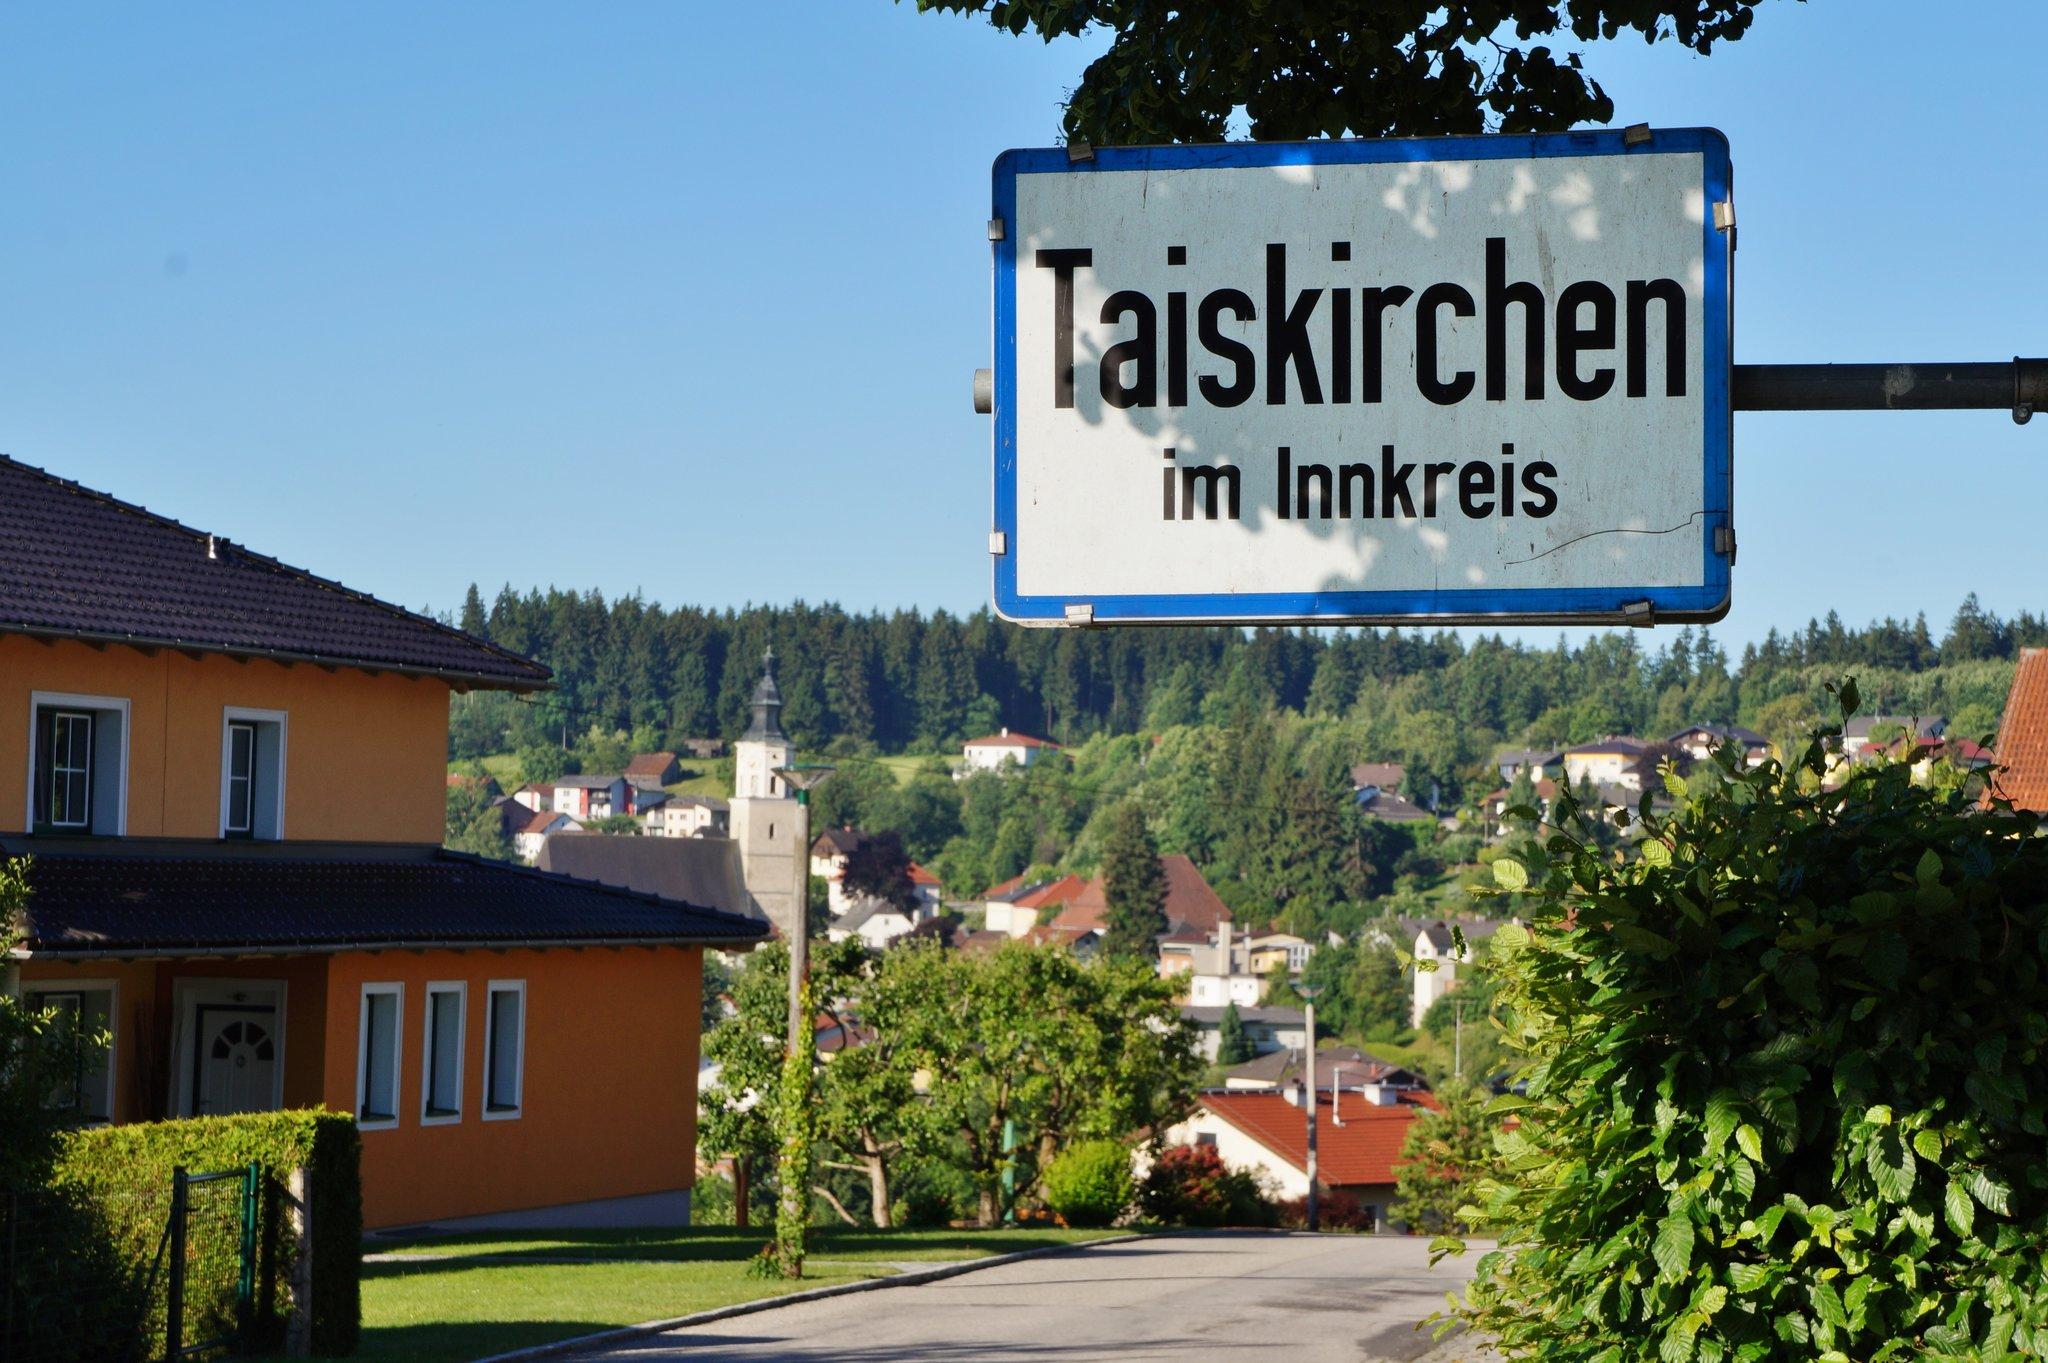 Singles Taiskirchen Im Innkreis, Kontaktanzeigen aus